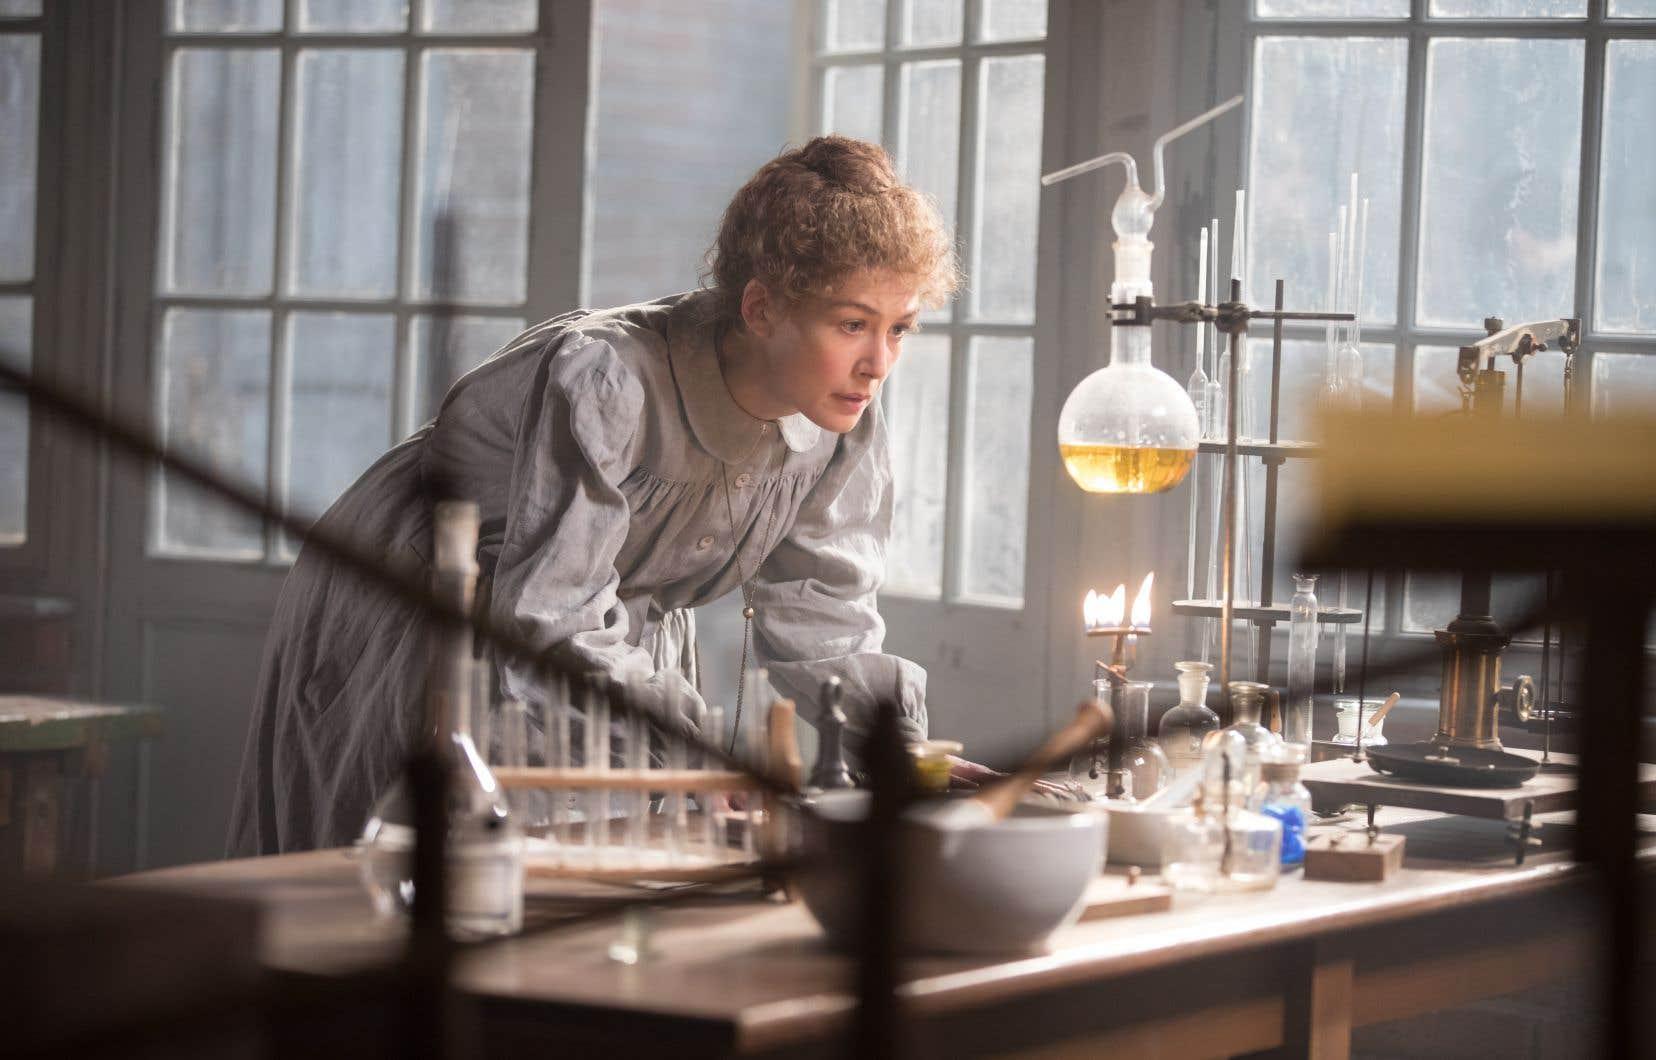 De toutes les facettes de Marie Curie, interprétée par Rosamund Pike, c'est celle de la scientifique butée et ingénieuse que Marjane Satrapi préfère.